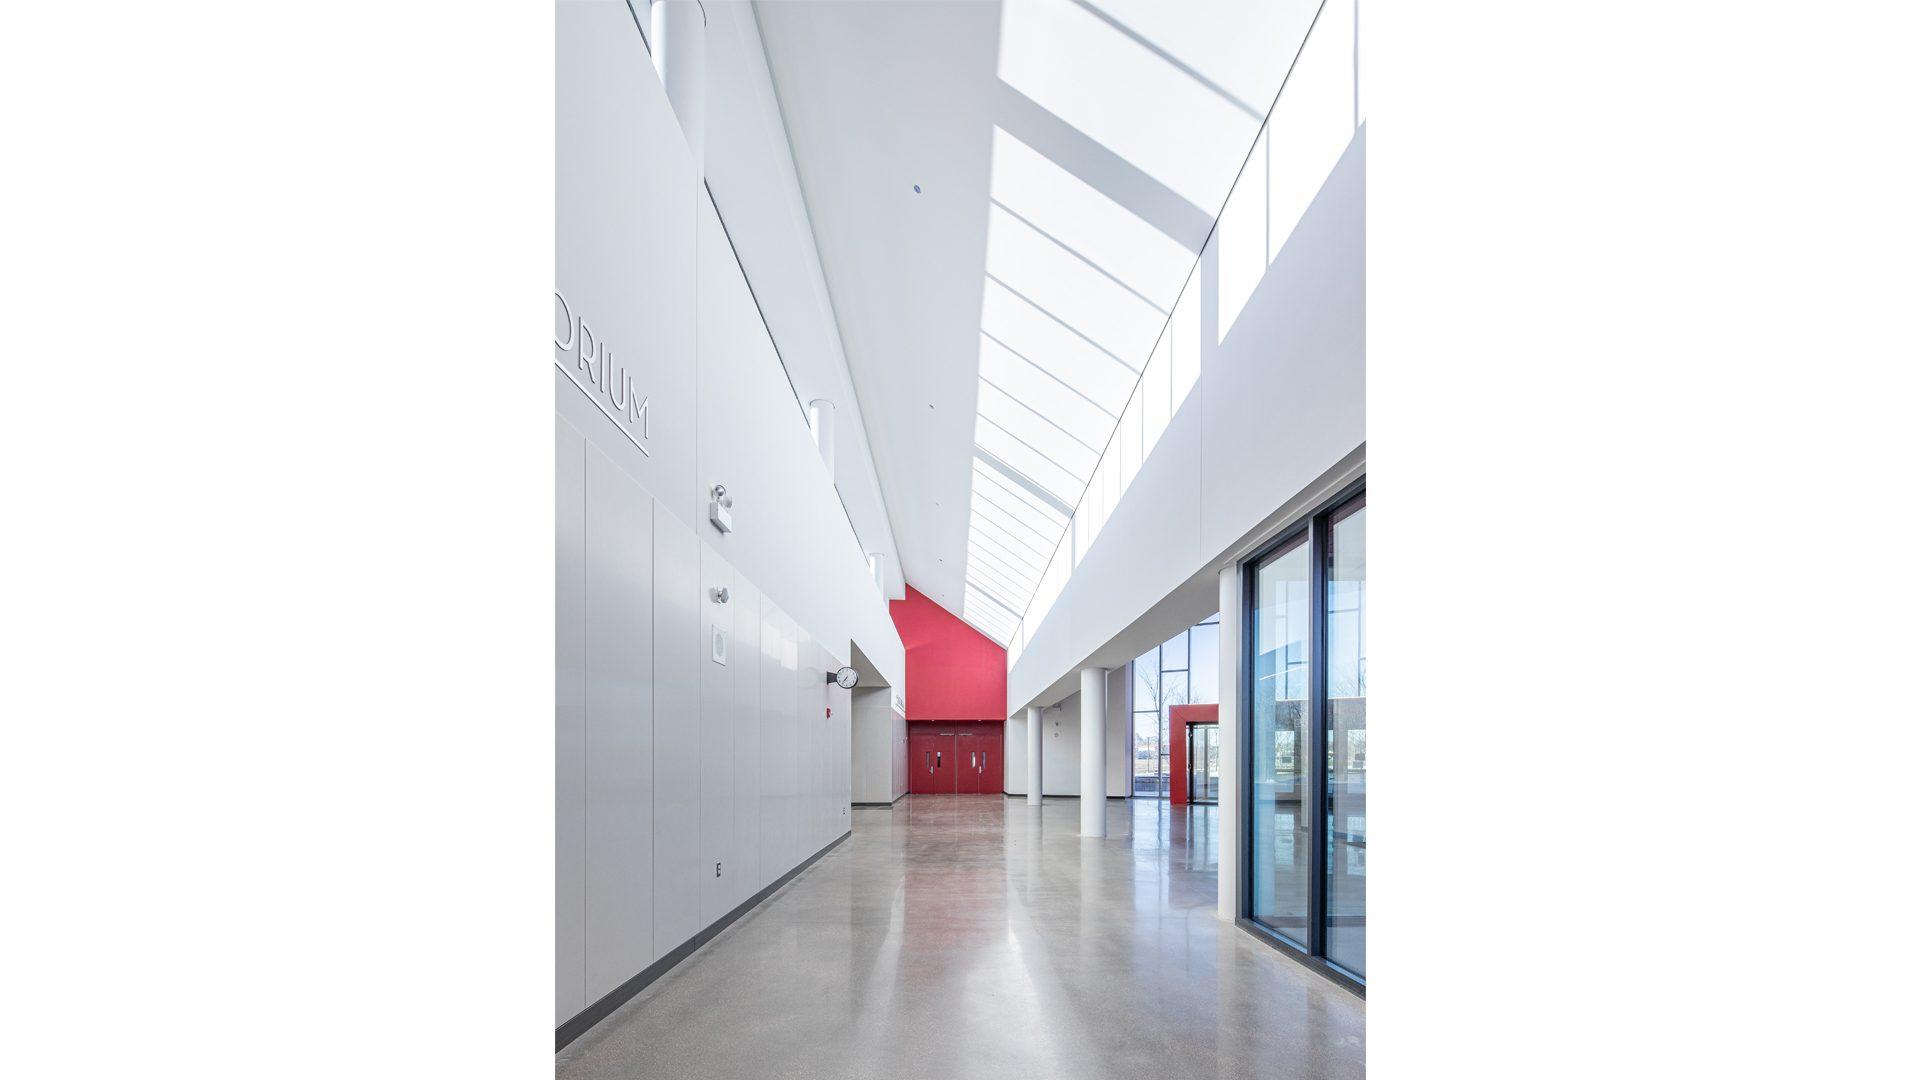 RD_Gym-Cafe Corridor